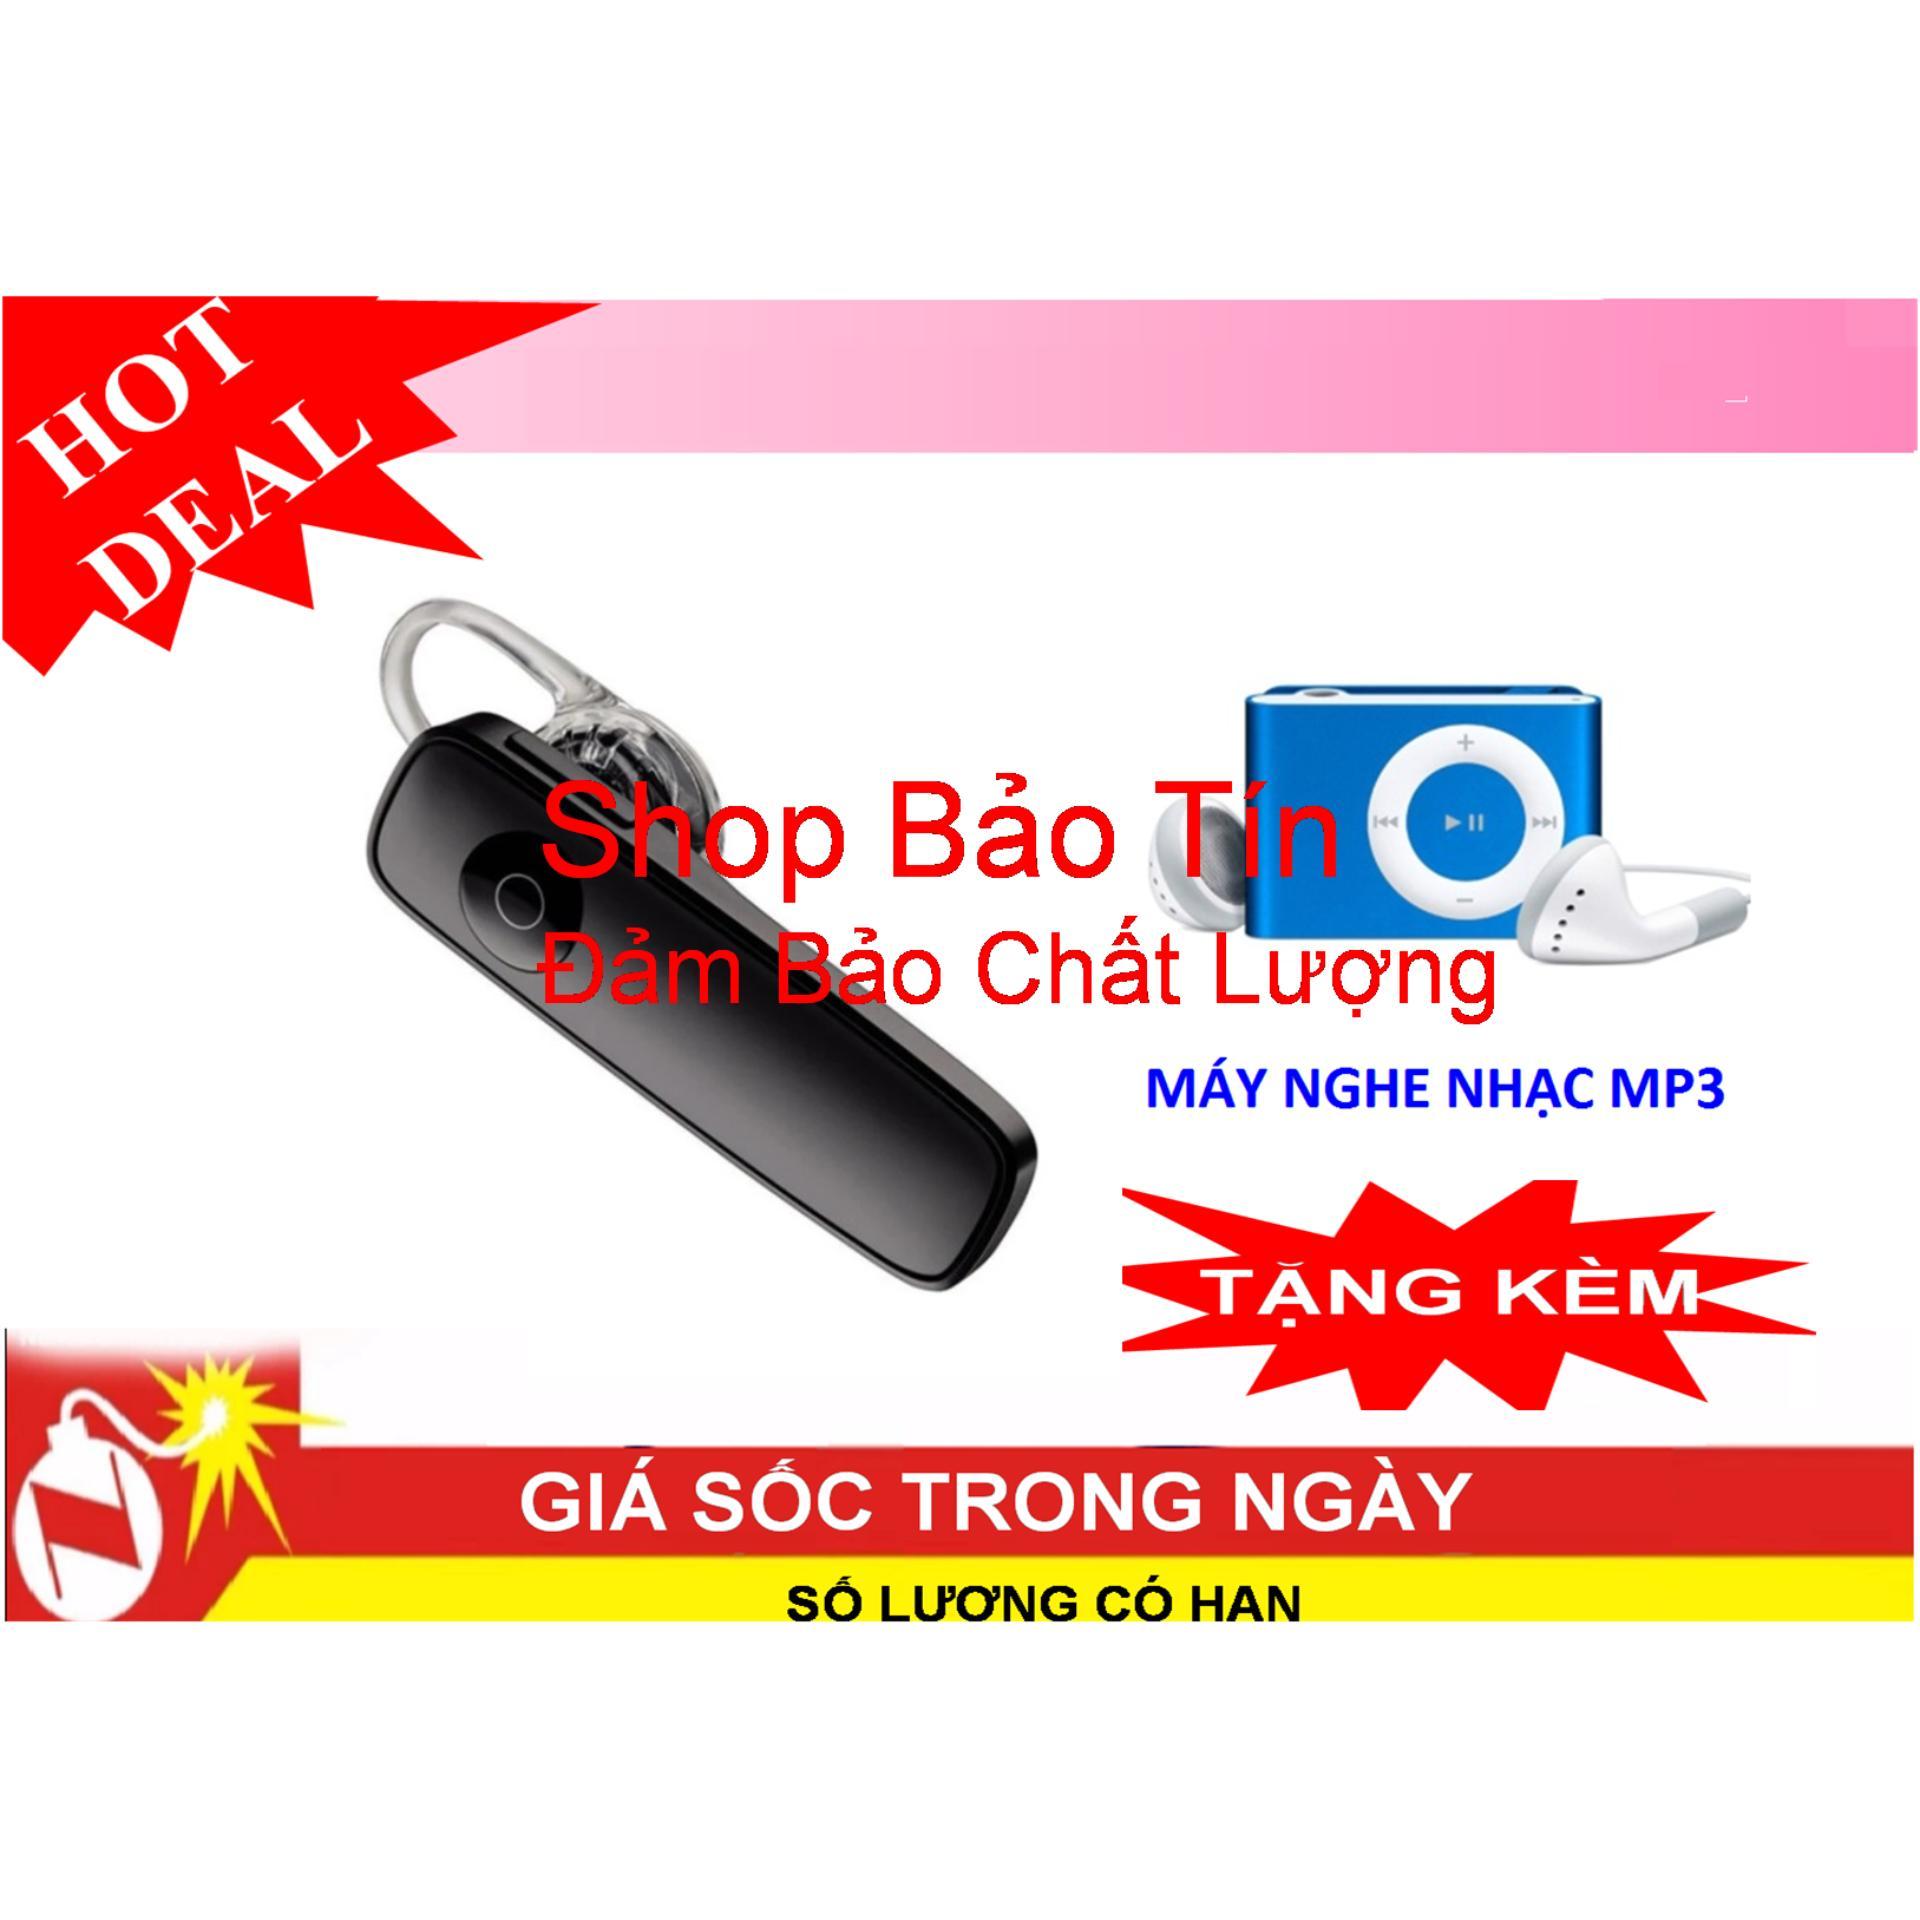 Tai Nghe Bluetooth Music Tăng Kèm Máy Nghe Nhạc Mp3